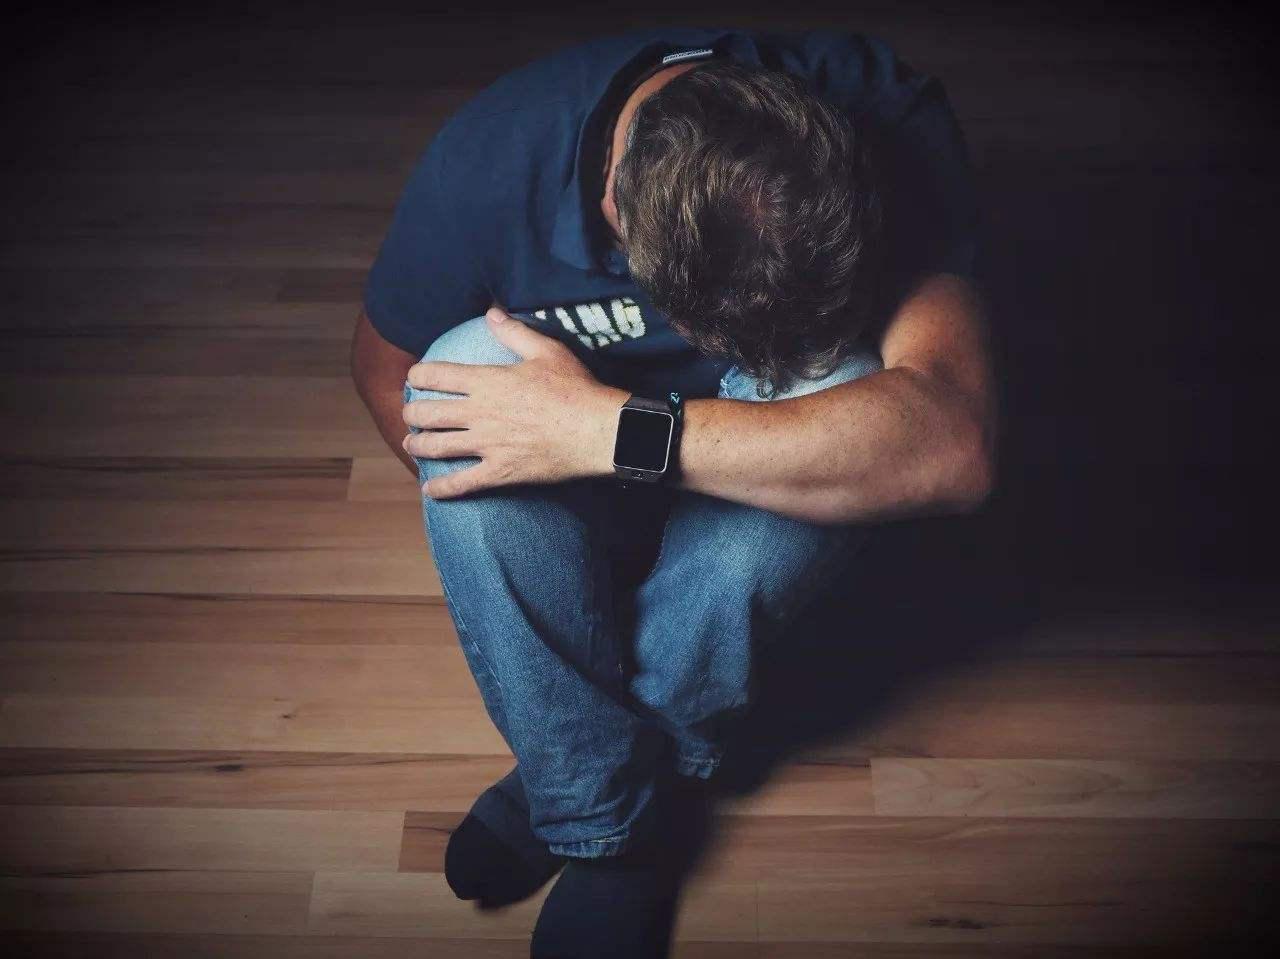 AI 能诊断抑郁症吗?